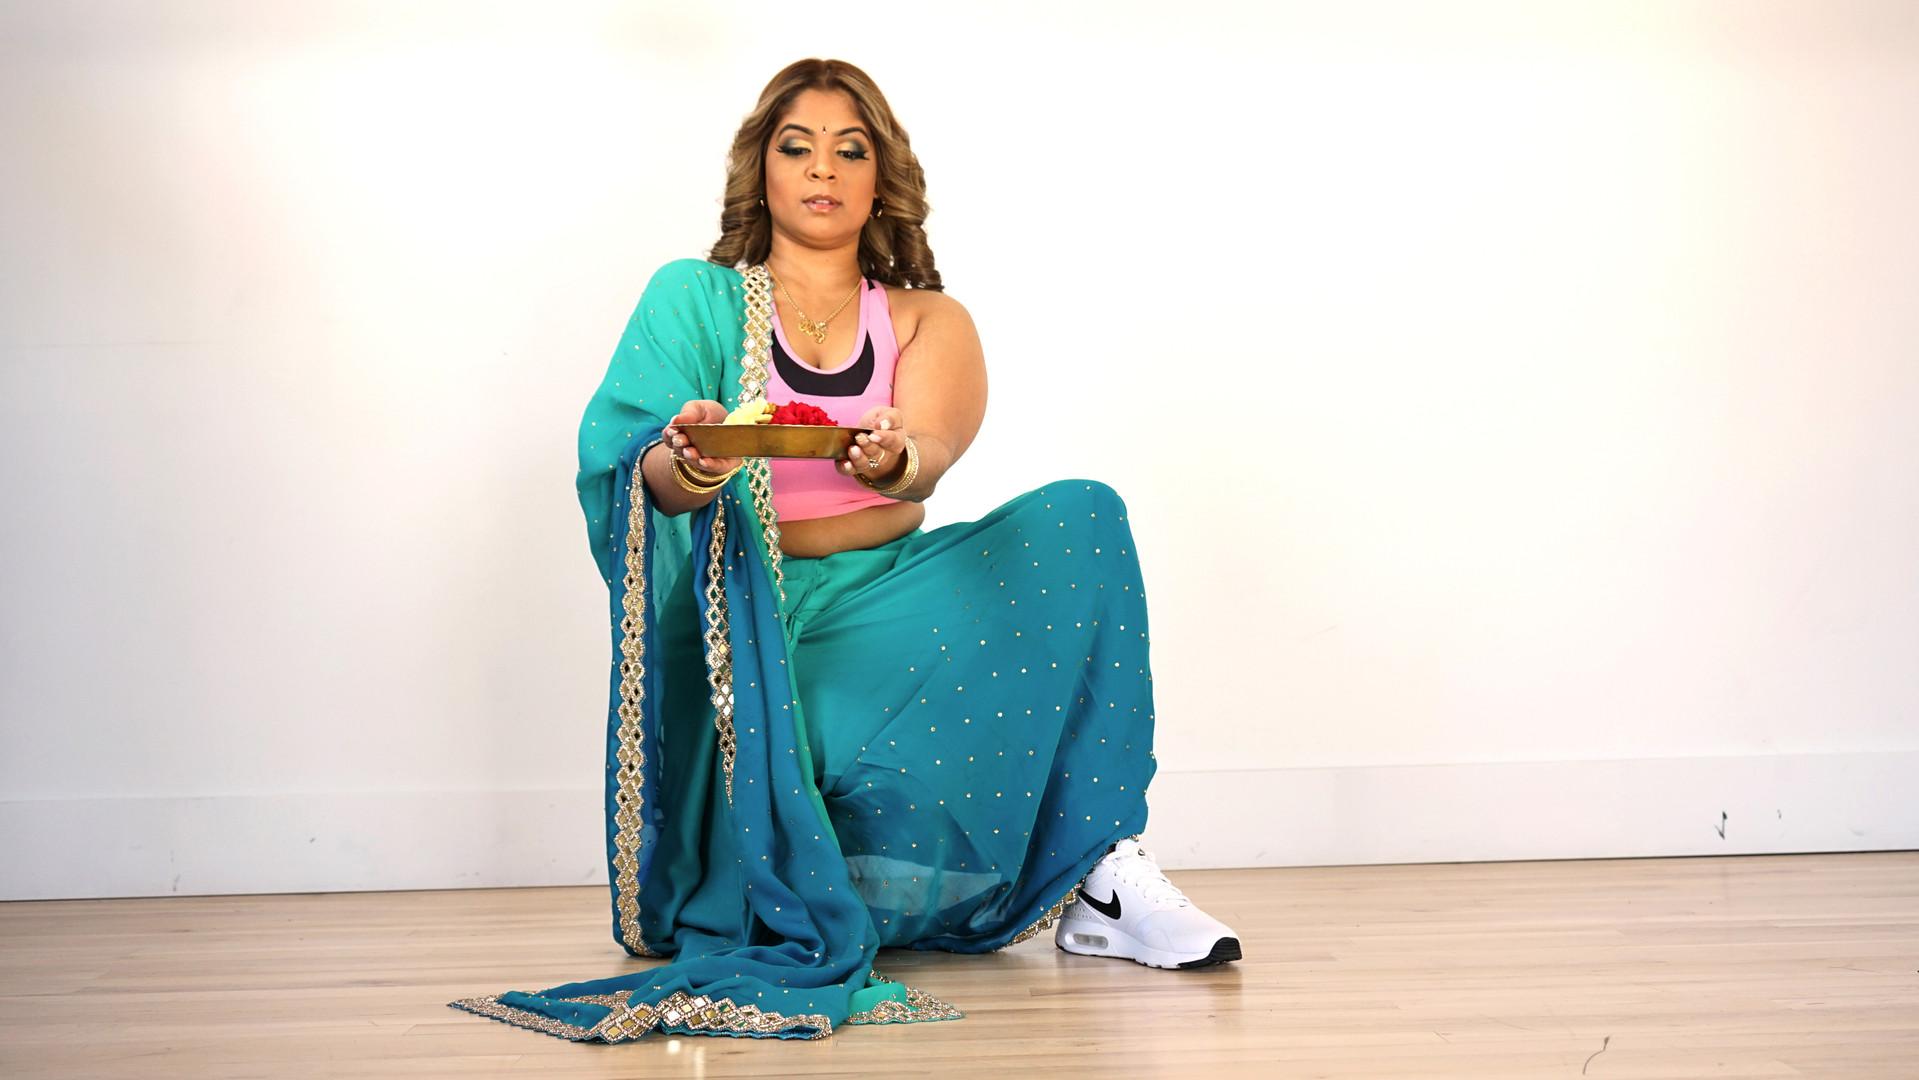 Sari not Sari